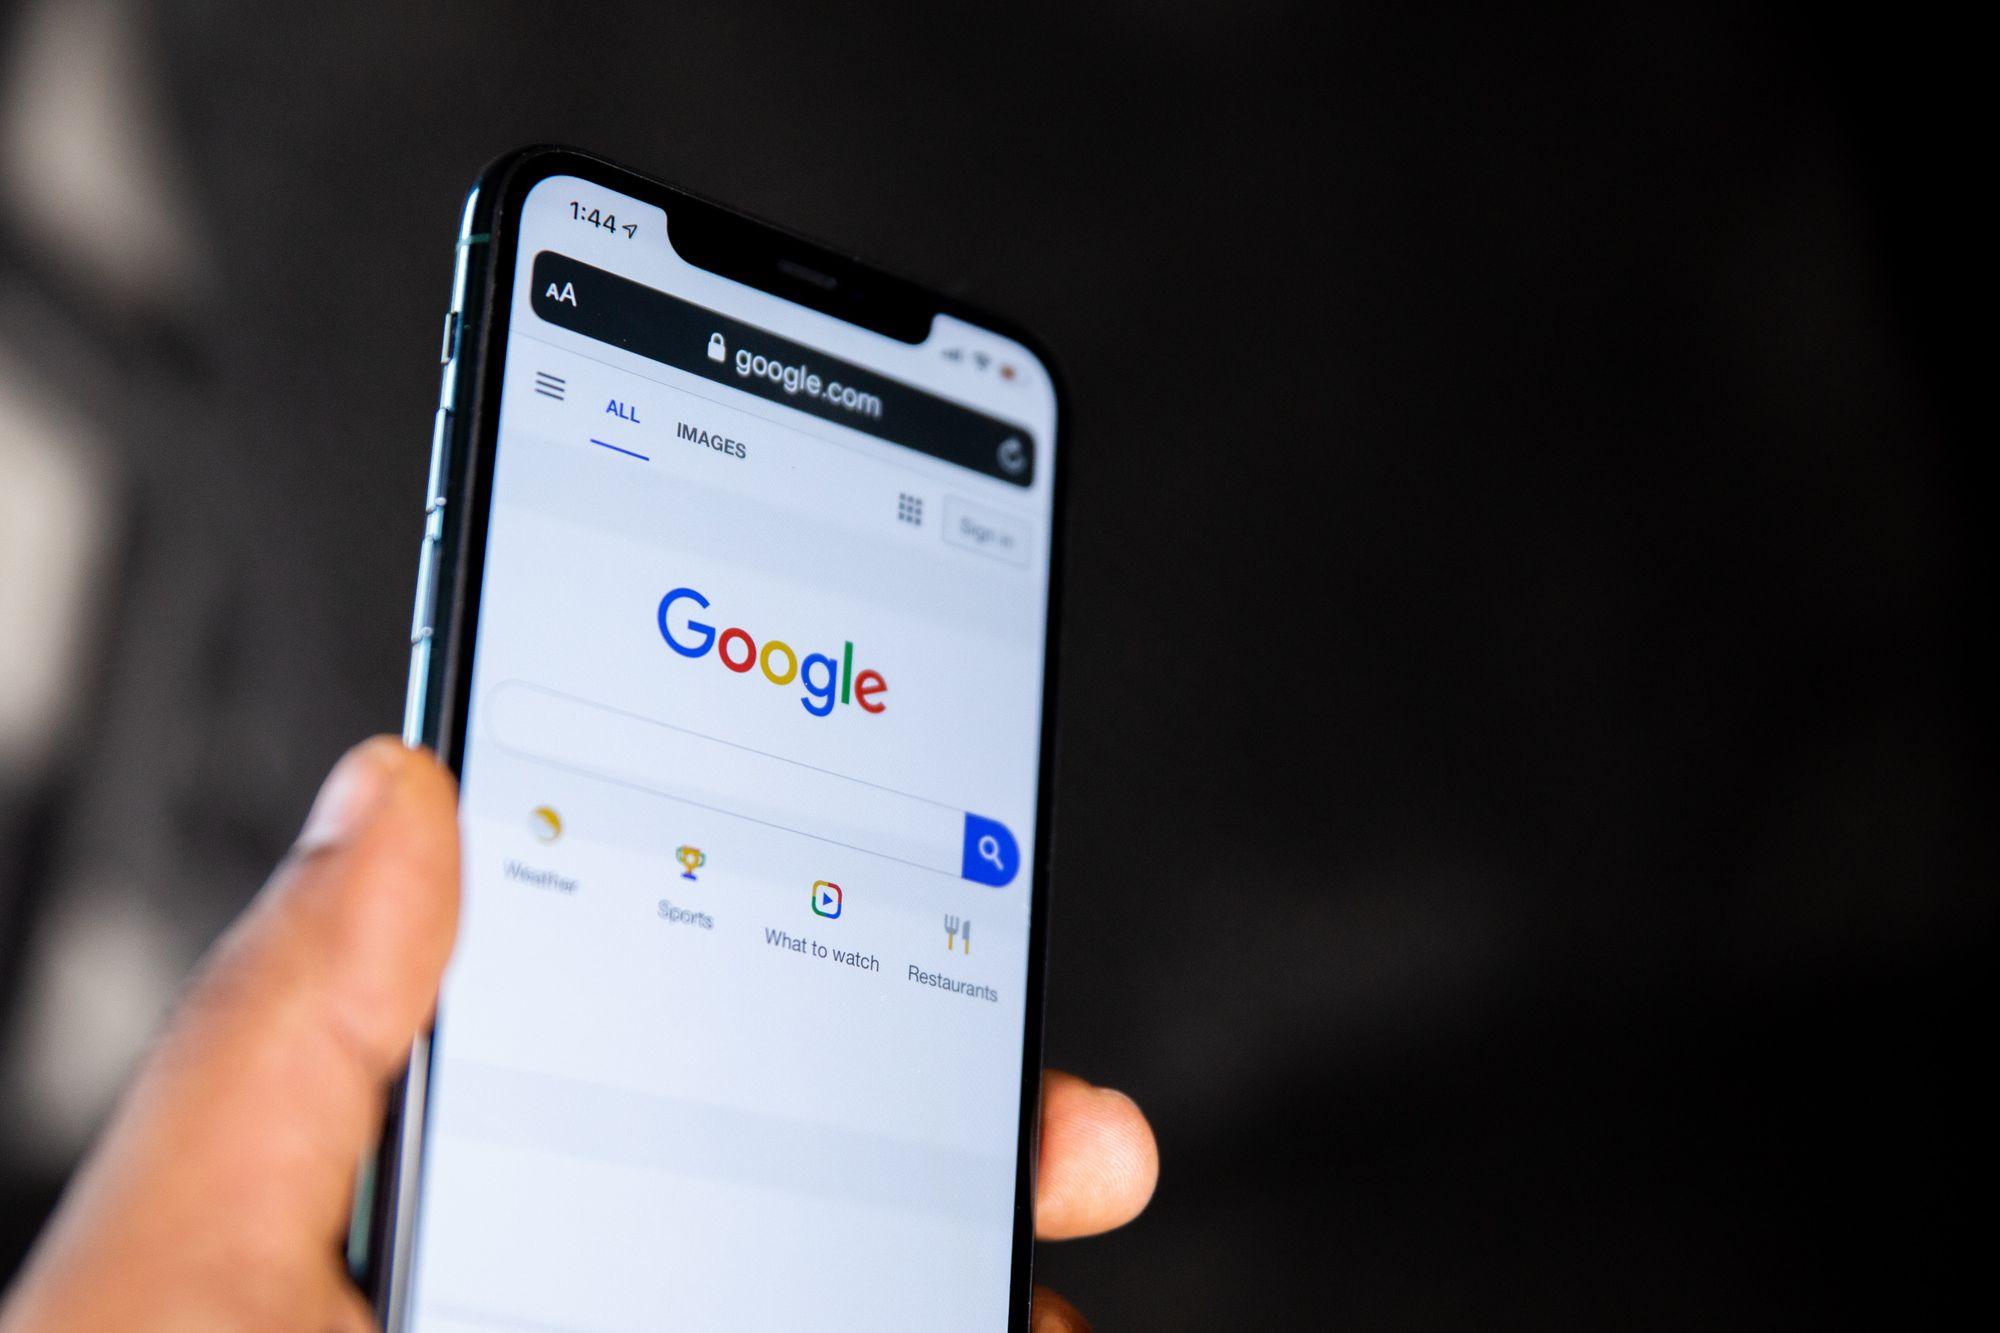 Zero-click search, czyli dlaczego Google nie chce klikania w znalezione wyniki?